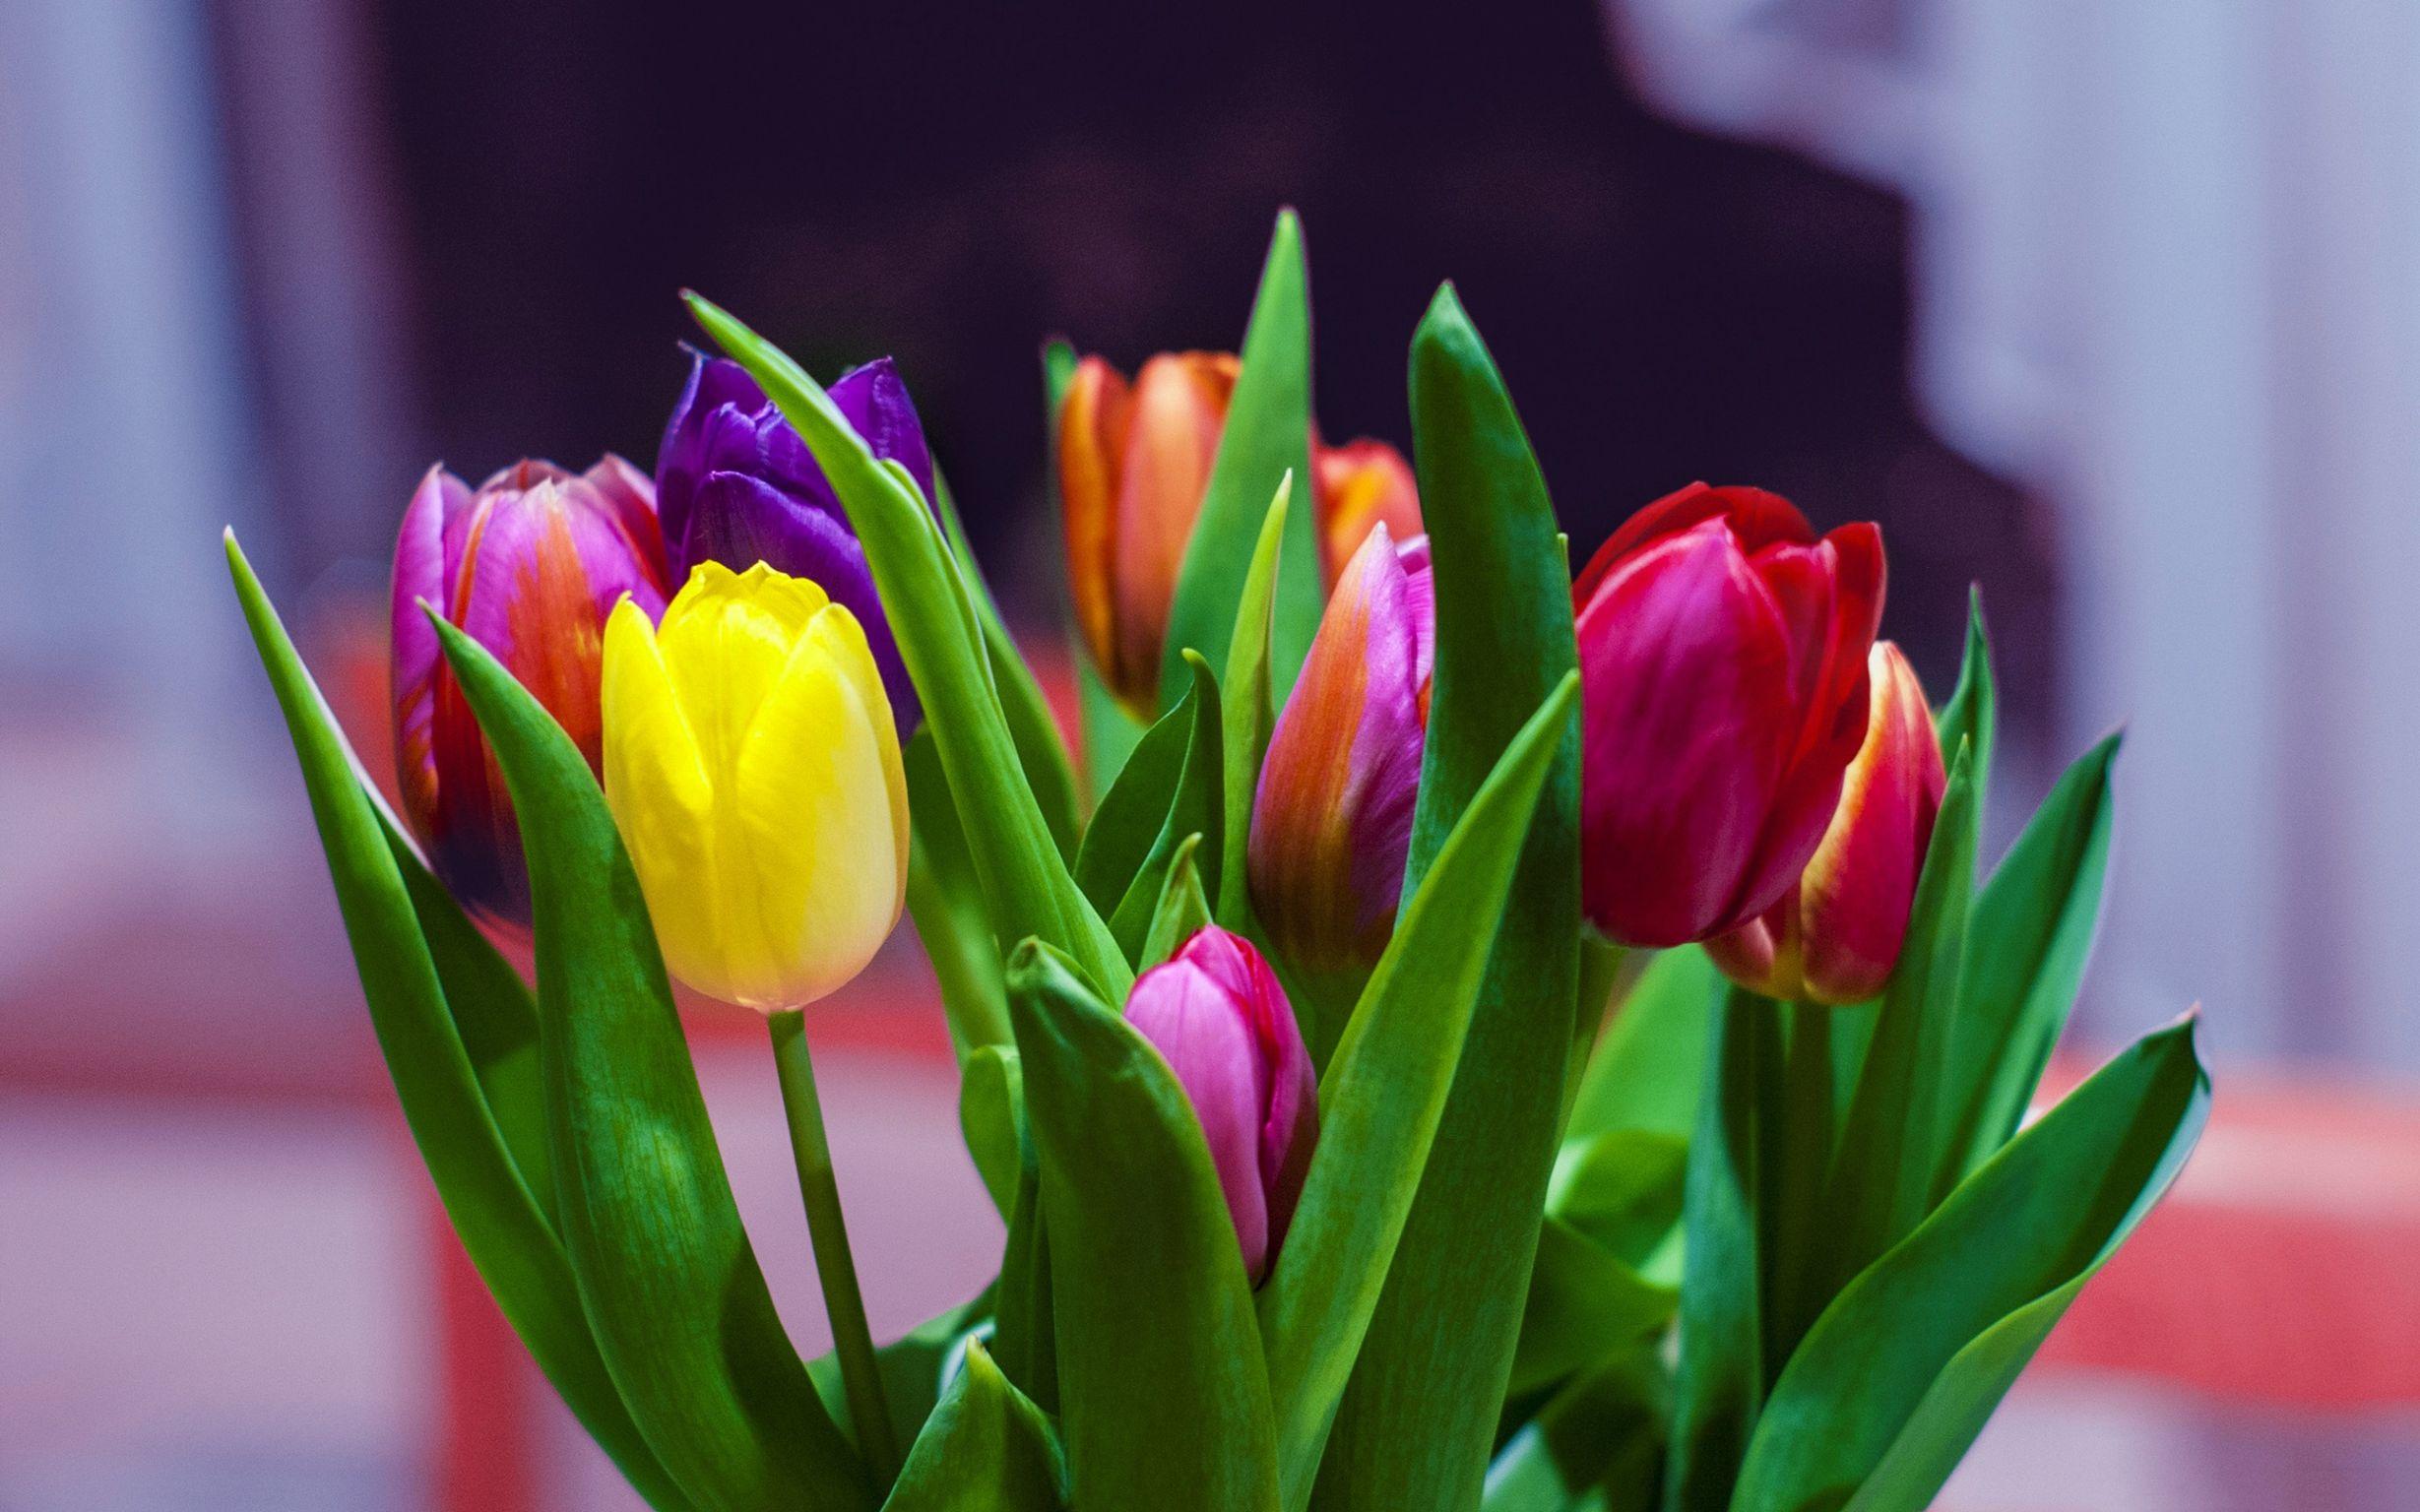 Фото картинки тюльпанов, днем победы открыткой